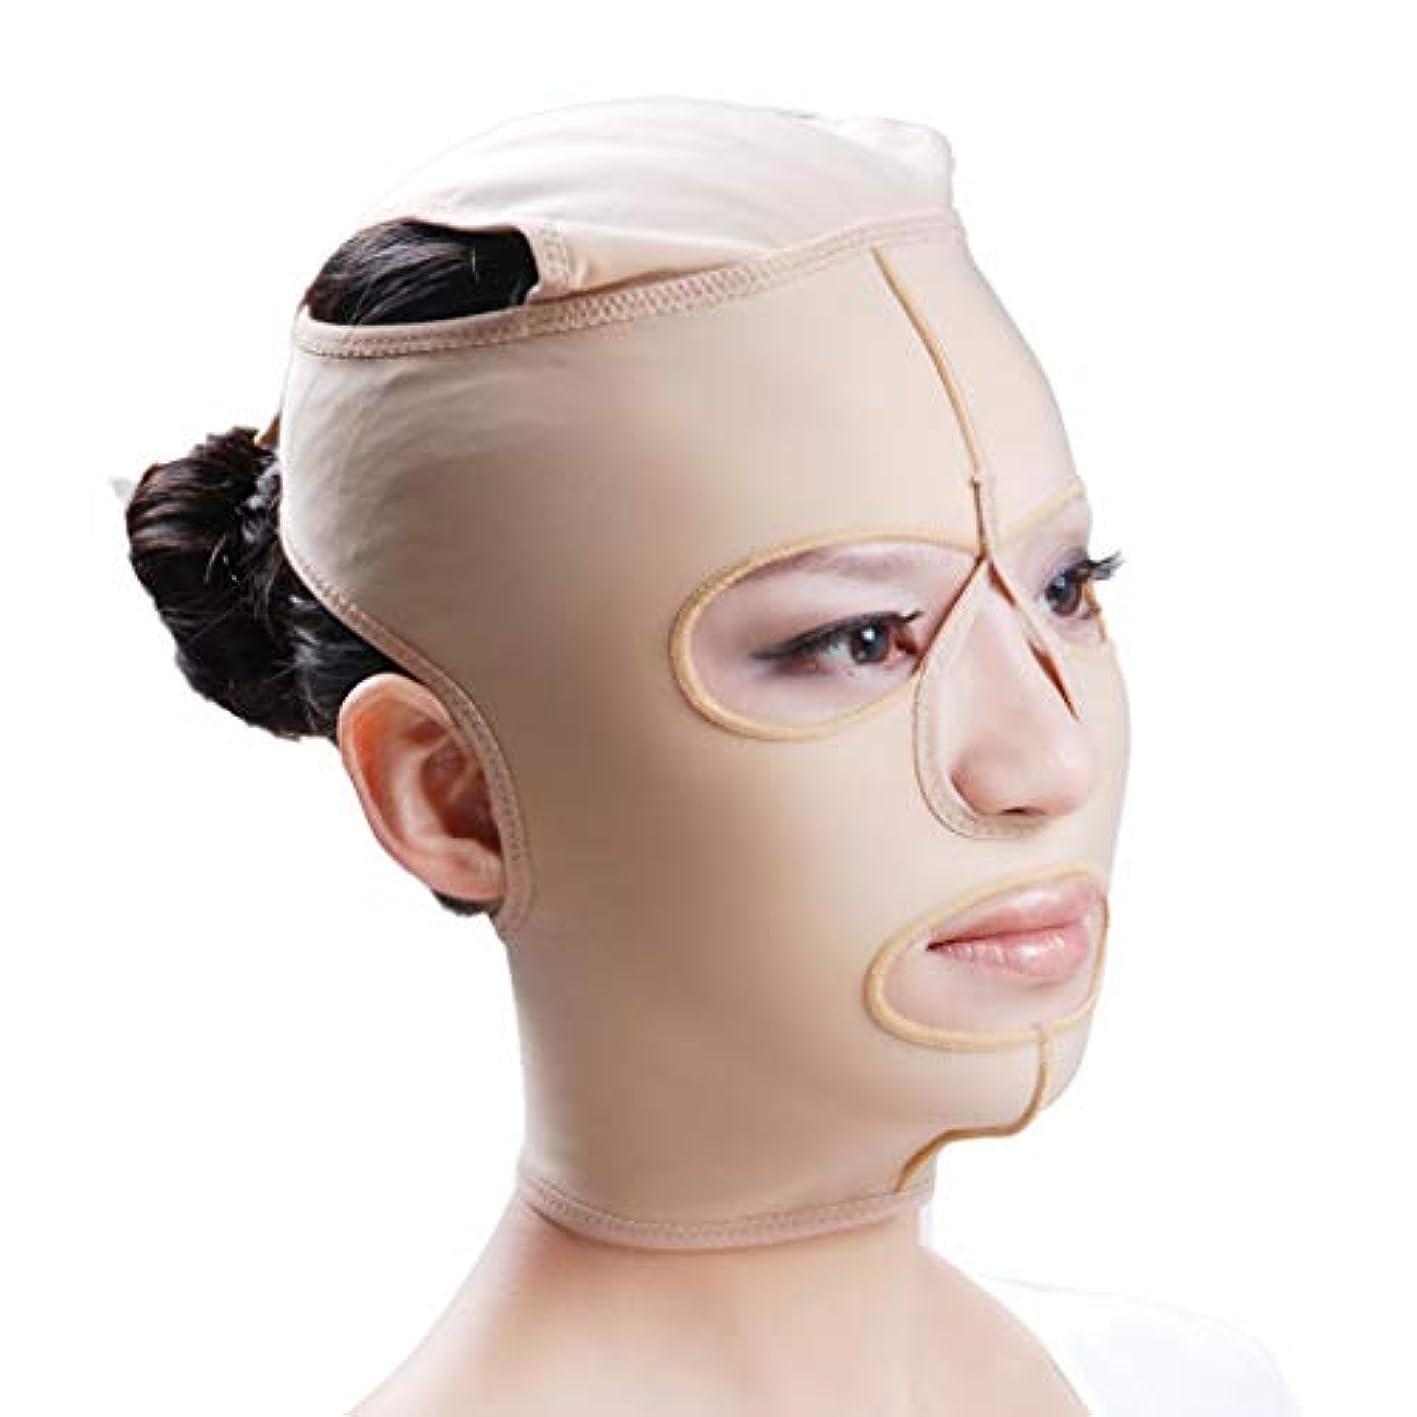 過去アンペアコードLJK フェイスリフトマスク、フルフェイスマスク医療グレード圧力フェイスダブルチンプラスチック脂肪吸引術弾性包帯ヘッドギア後の顔の脂肪吸引術 (Size : M)